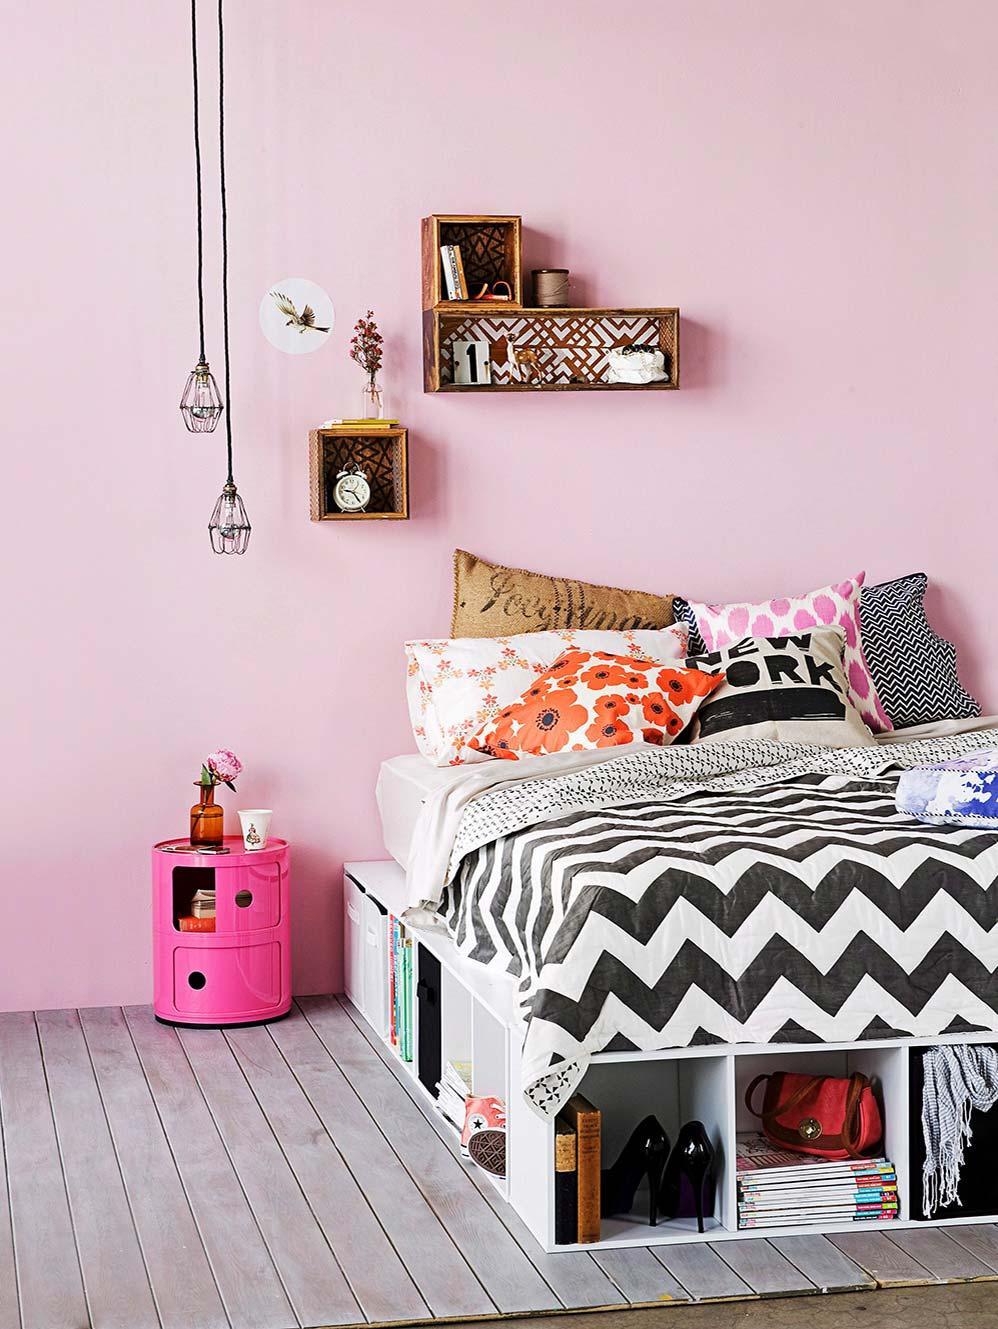 łóżko DIY z szuflad w sypialni z różową ścianą i półkami ze skrzynek na różowej ścianie